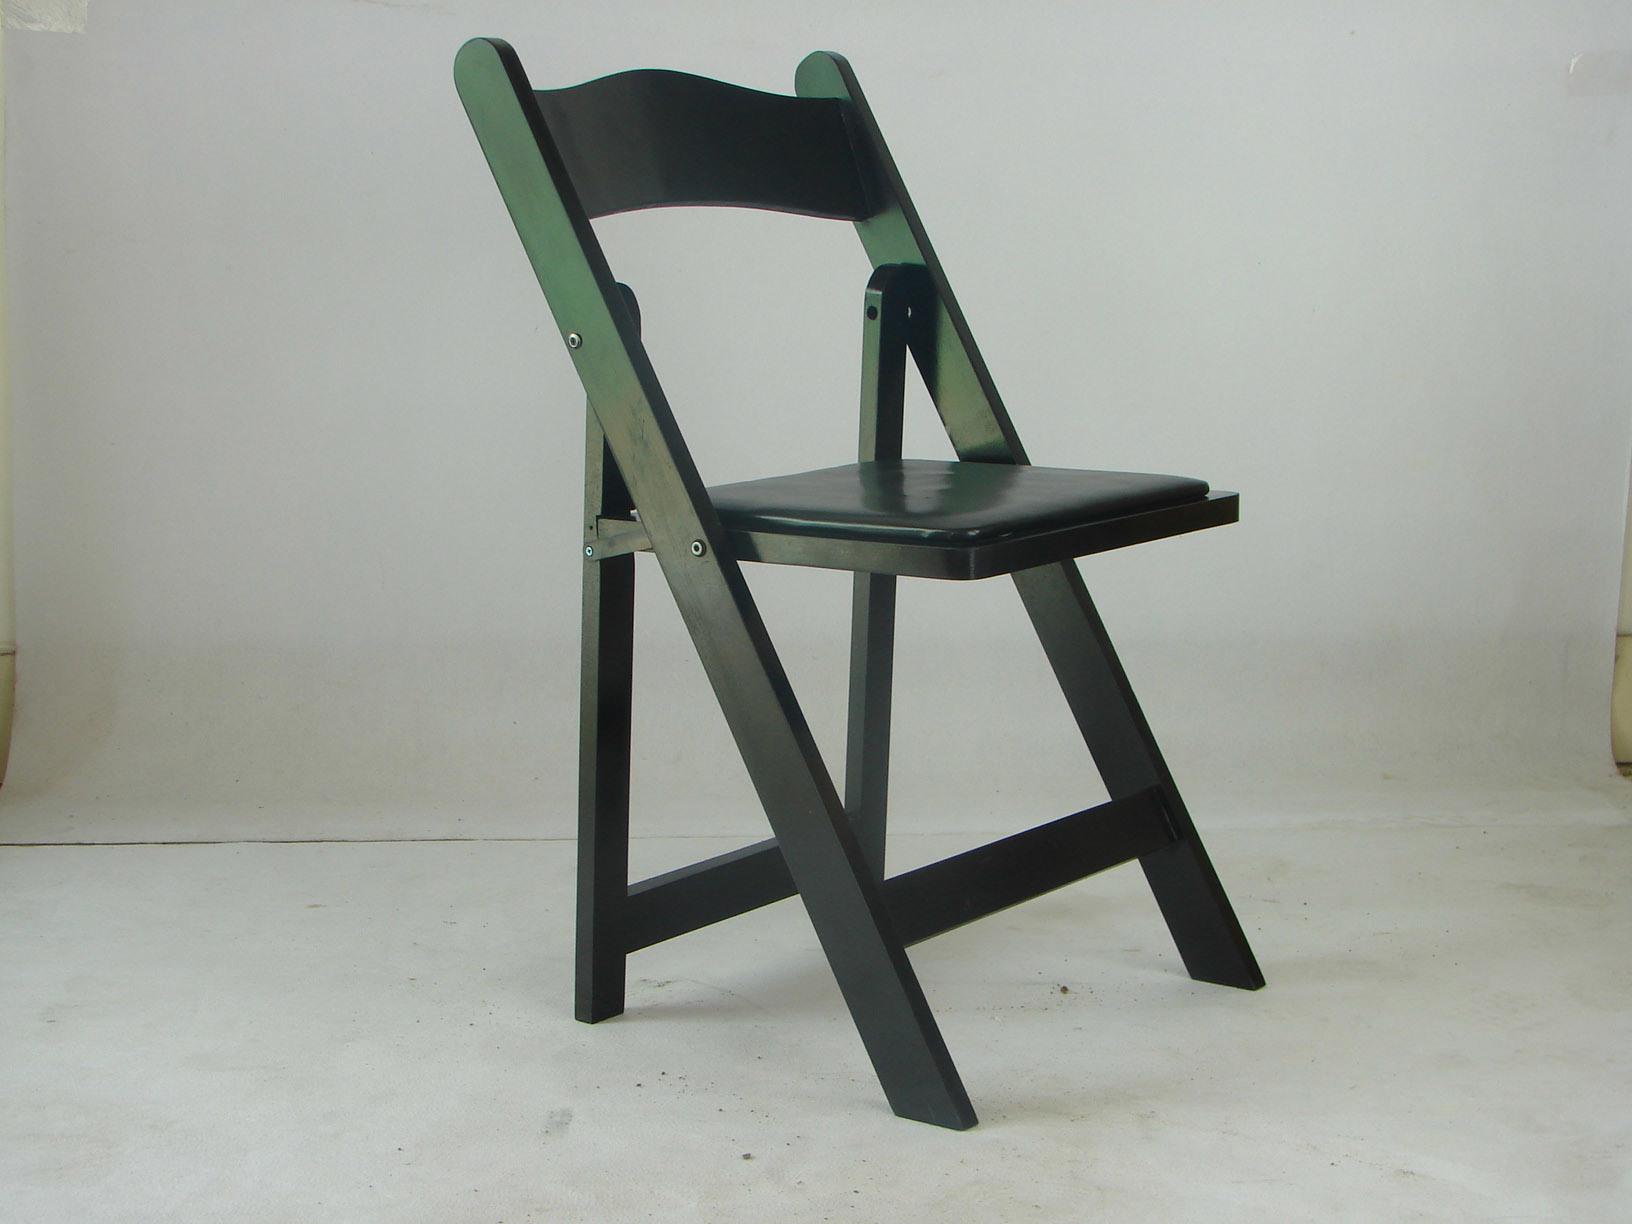 Cadeira de madeira dobrada da cadeira de jardim da cadeira (H H005  #4F6859 1632x1224